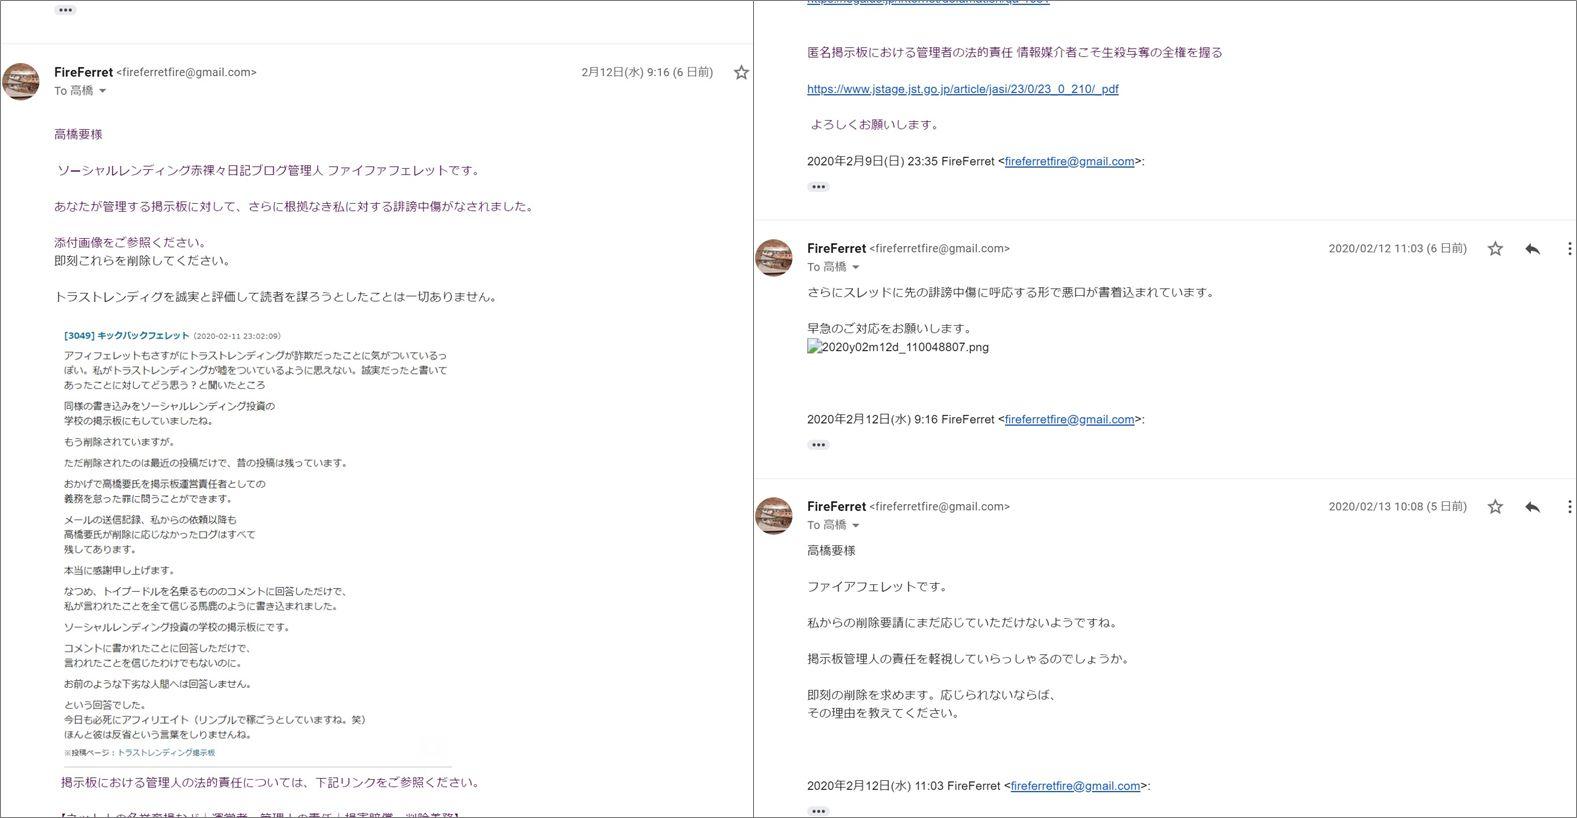 03インタビュー記事削除